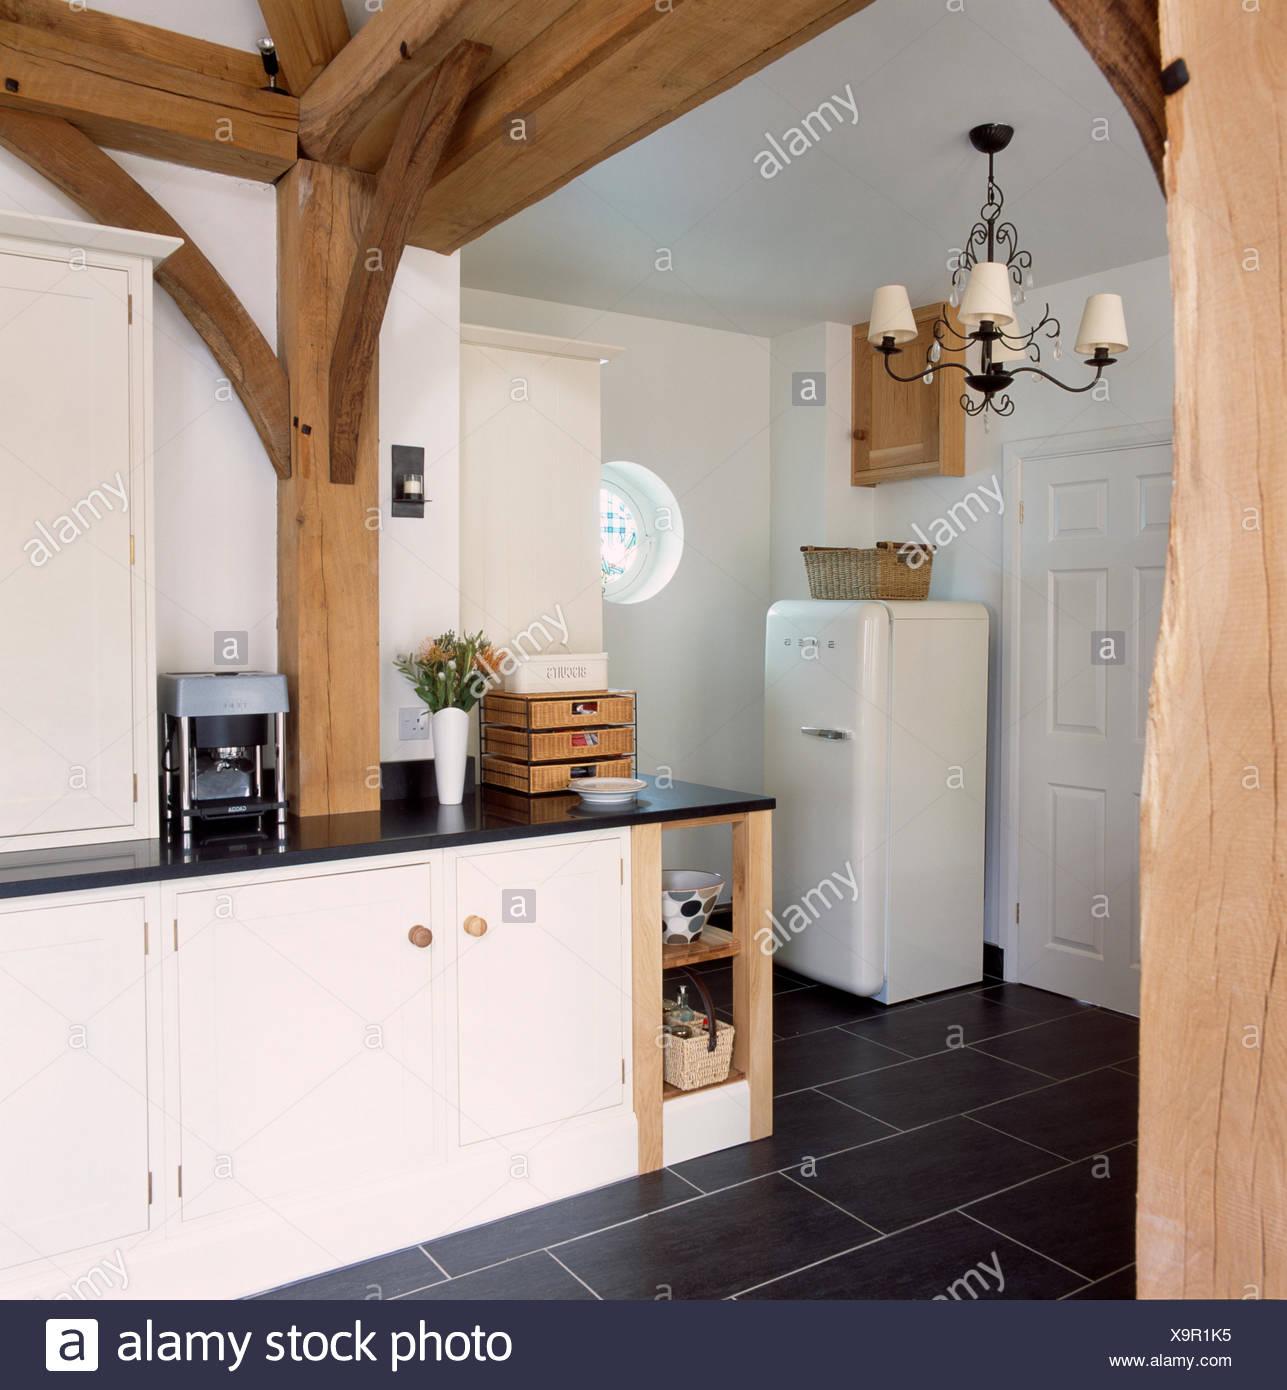 Großen Holzbalken im Stall Umbau Küche mit Smeg Kühlschrank und ...